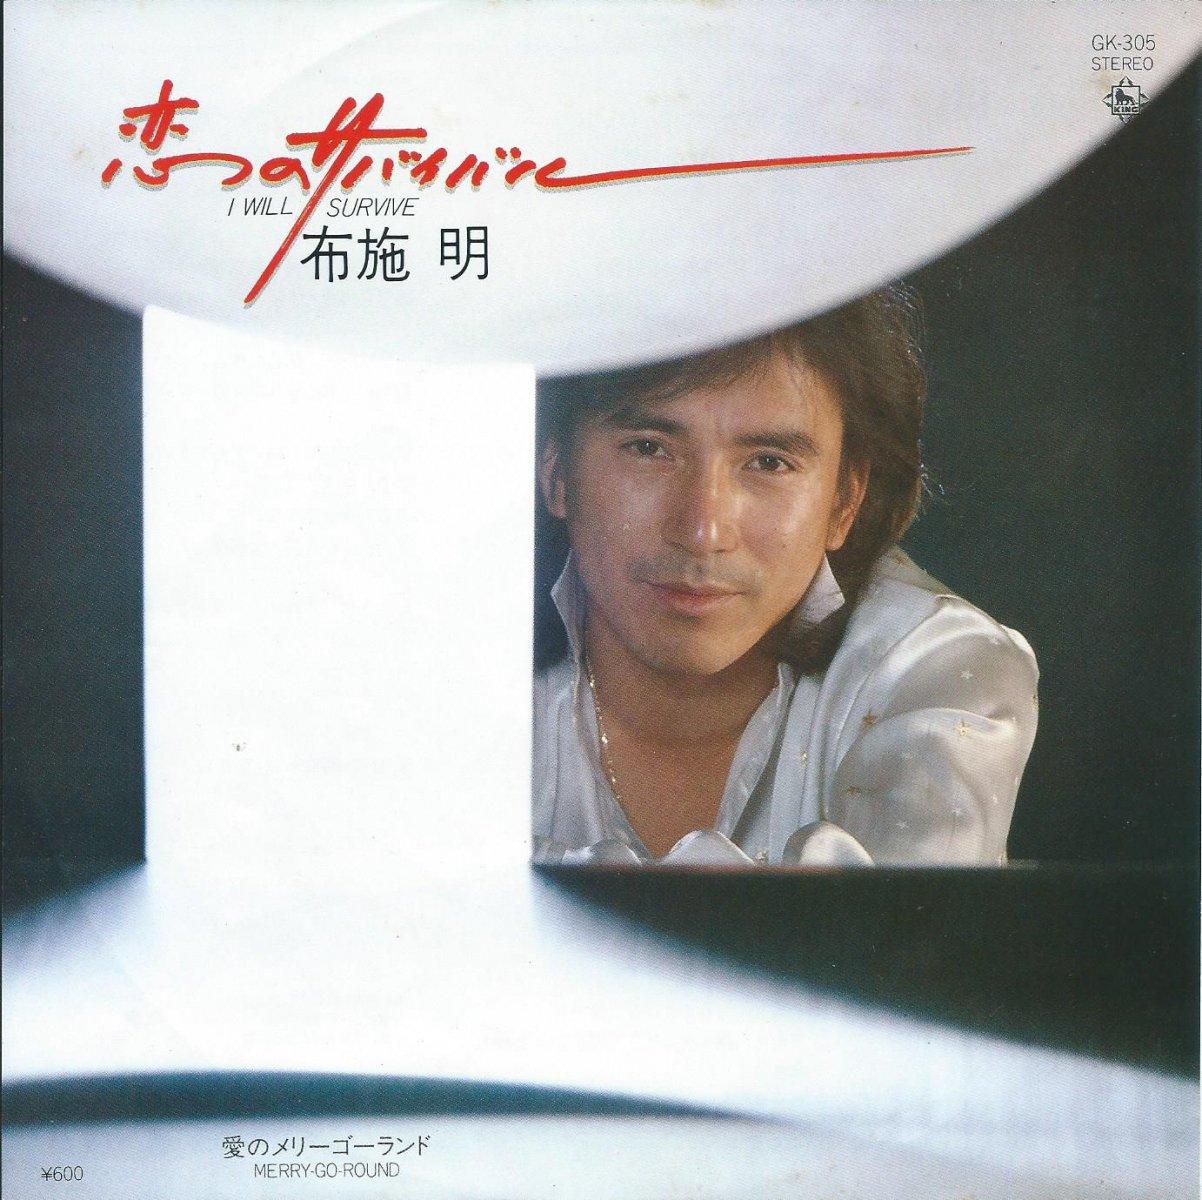 布施明 AKIRA FUSE / 恋のサバイバル I WILL SURVIVE / 愛のメリーゴーランド MERRY-GO-ROUND (7